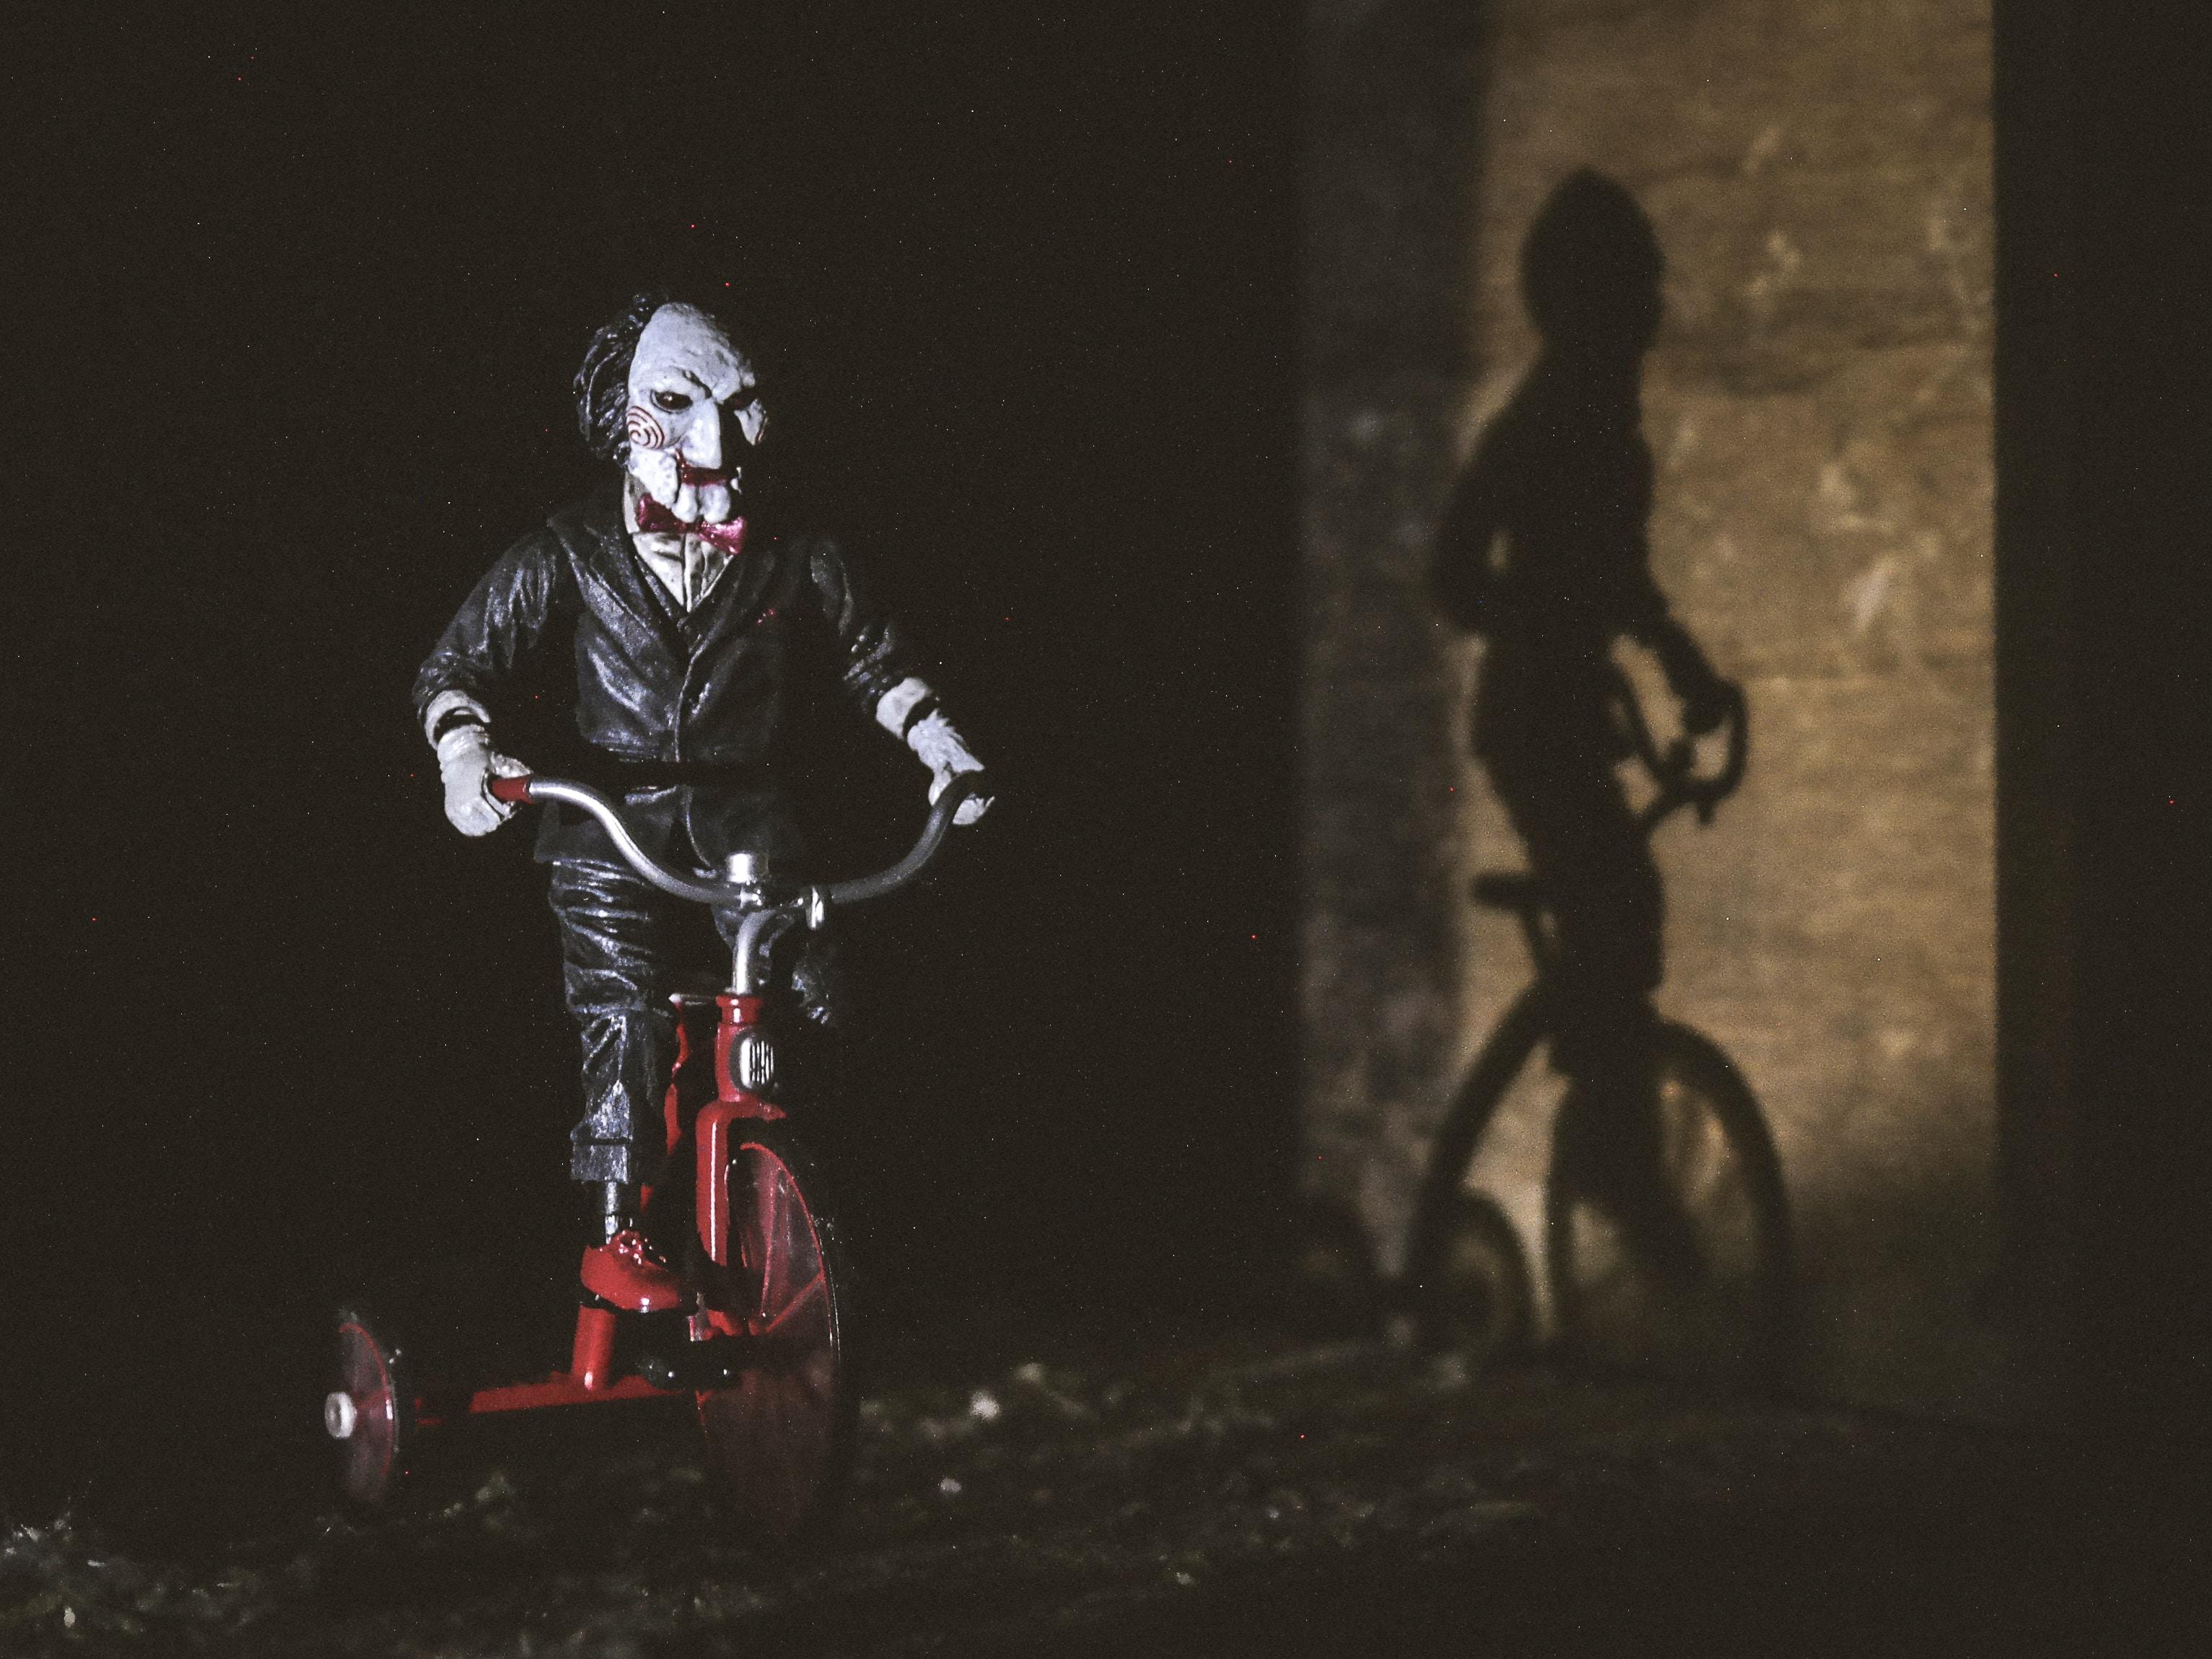 scary bike